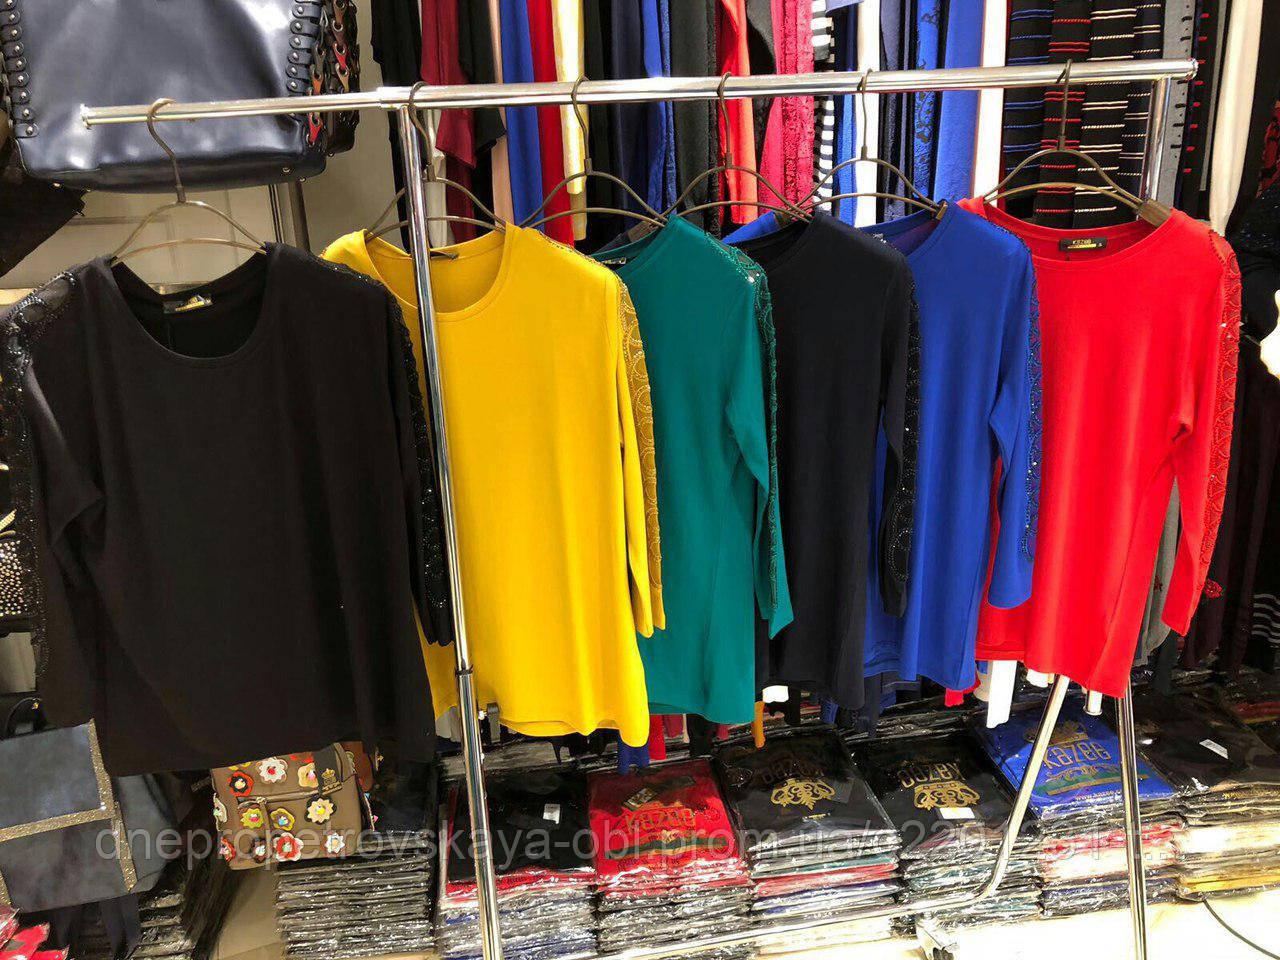 Kazee одежда интернет магазин. Kazee оптом с доставкой по всей Украине